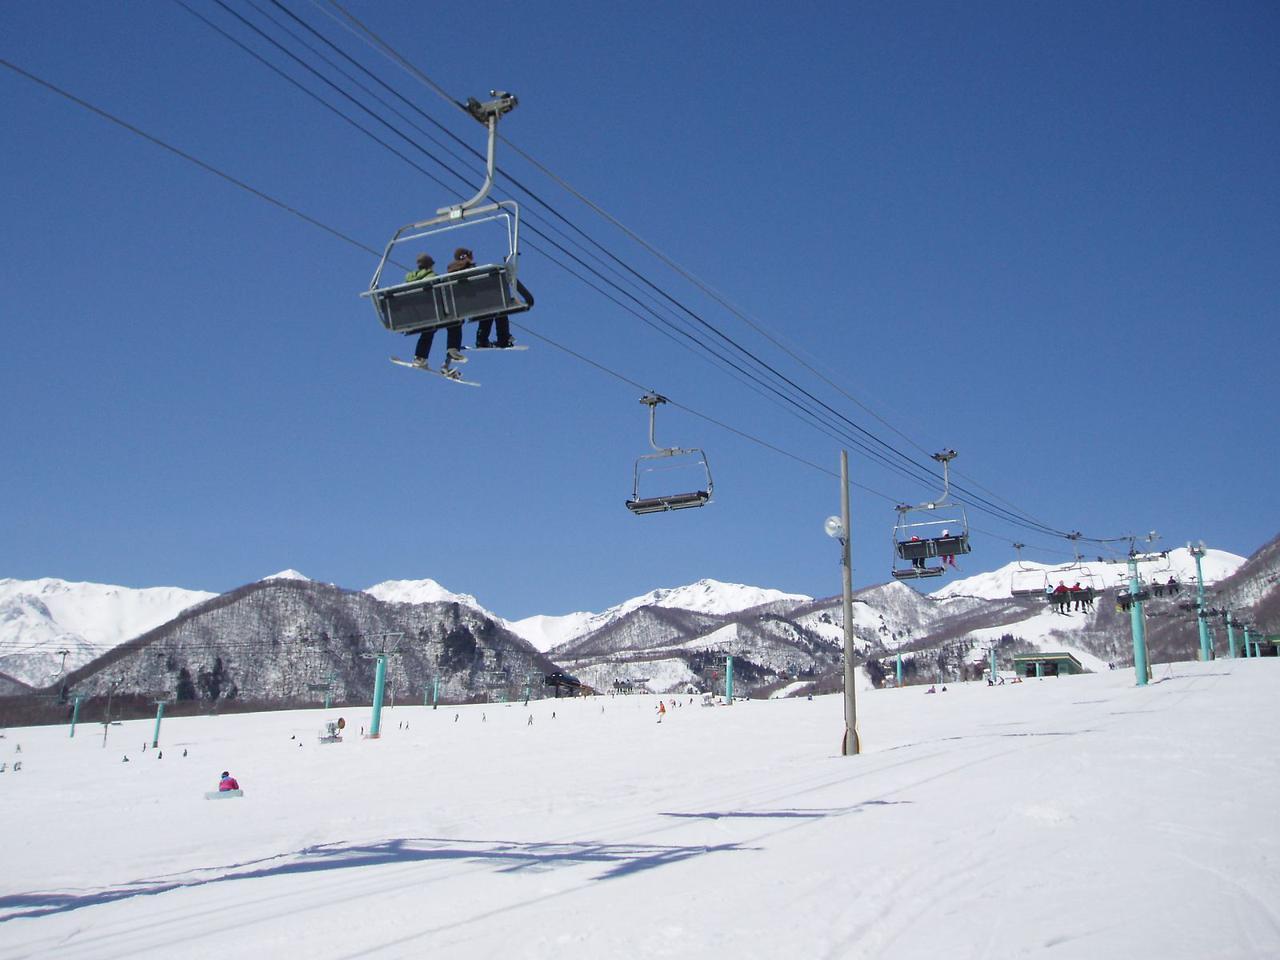 画像: <スキー>年末年始スキーフリープランツアー クラブツーリズム